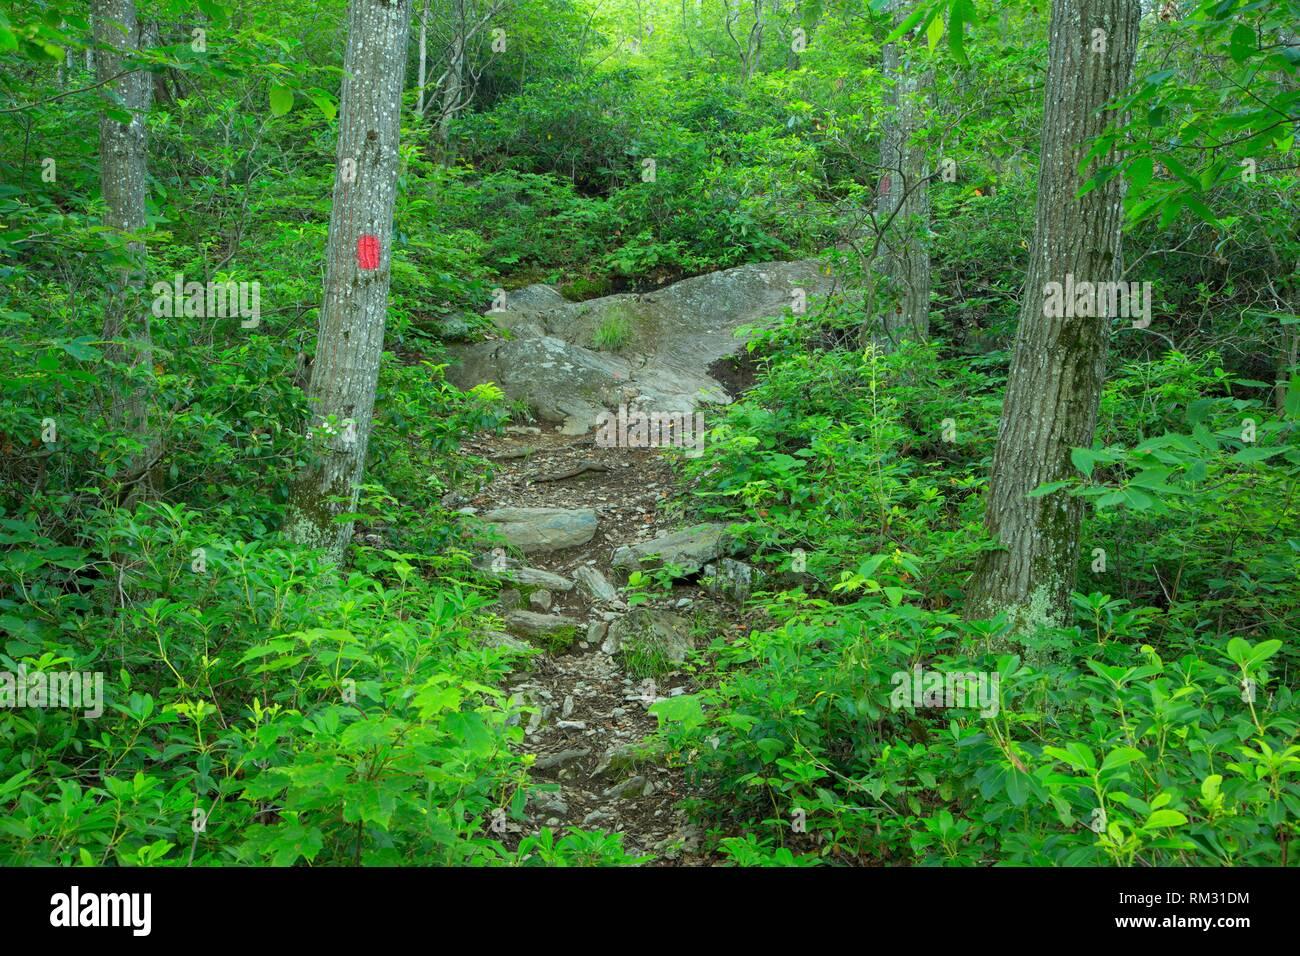 Wald in der Nähe von Tri Point, Litchfield County, Connecticut. Stockbild